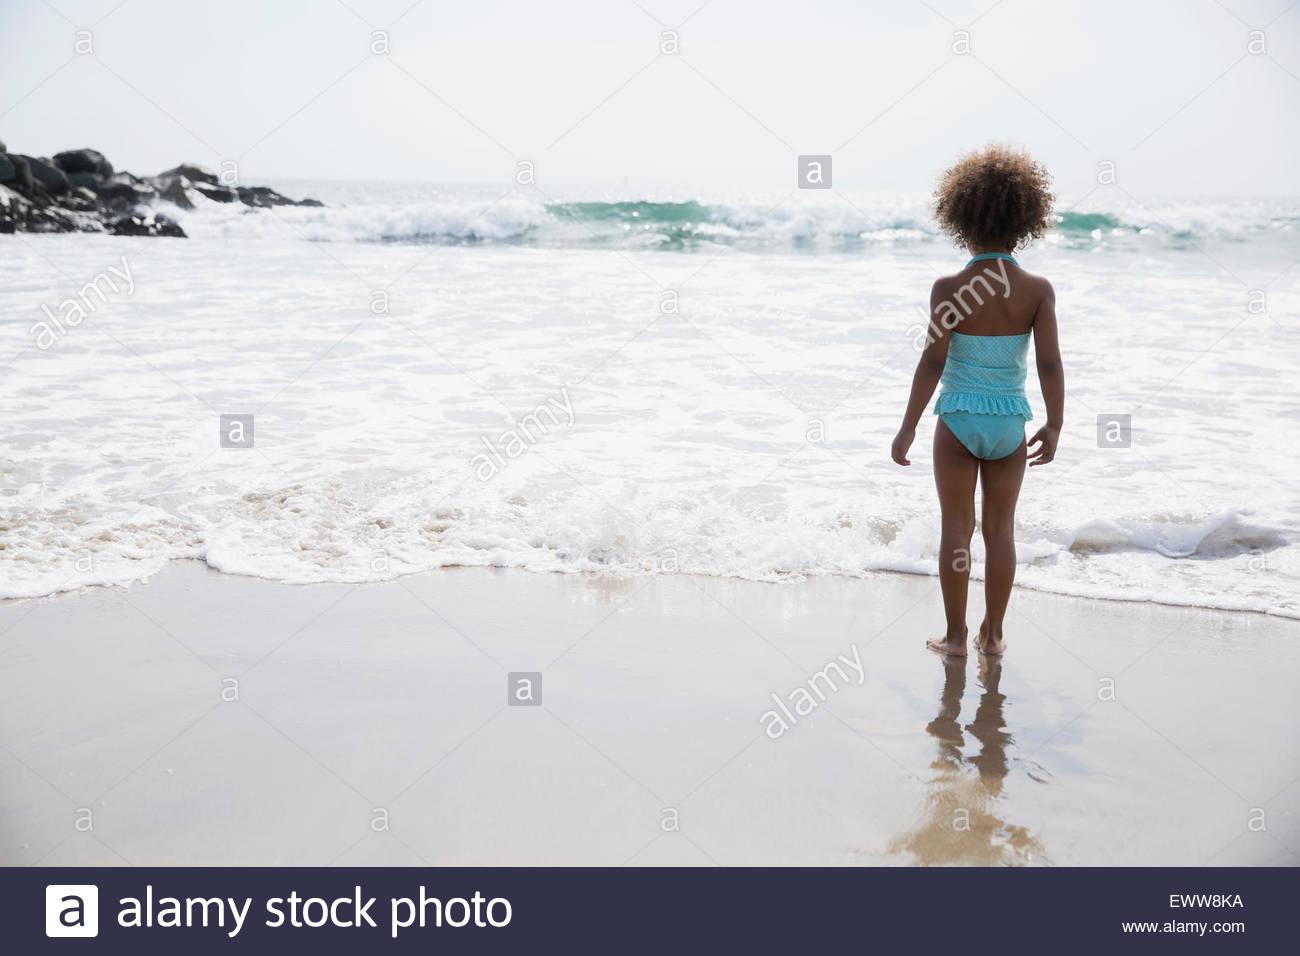 Girl in bathing suit looking at ocean beach - Stock Image